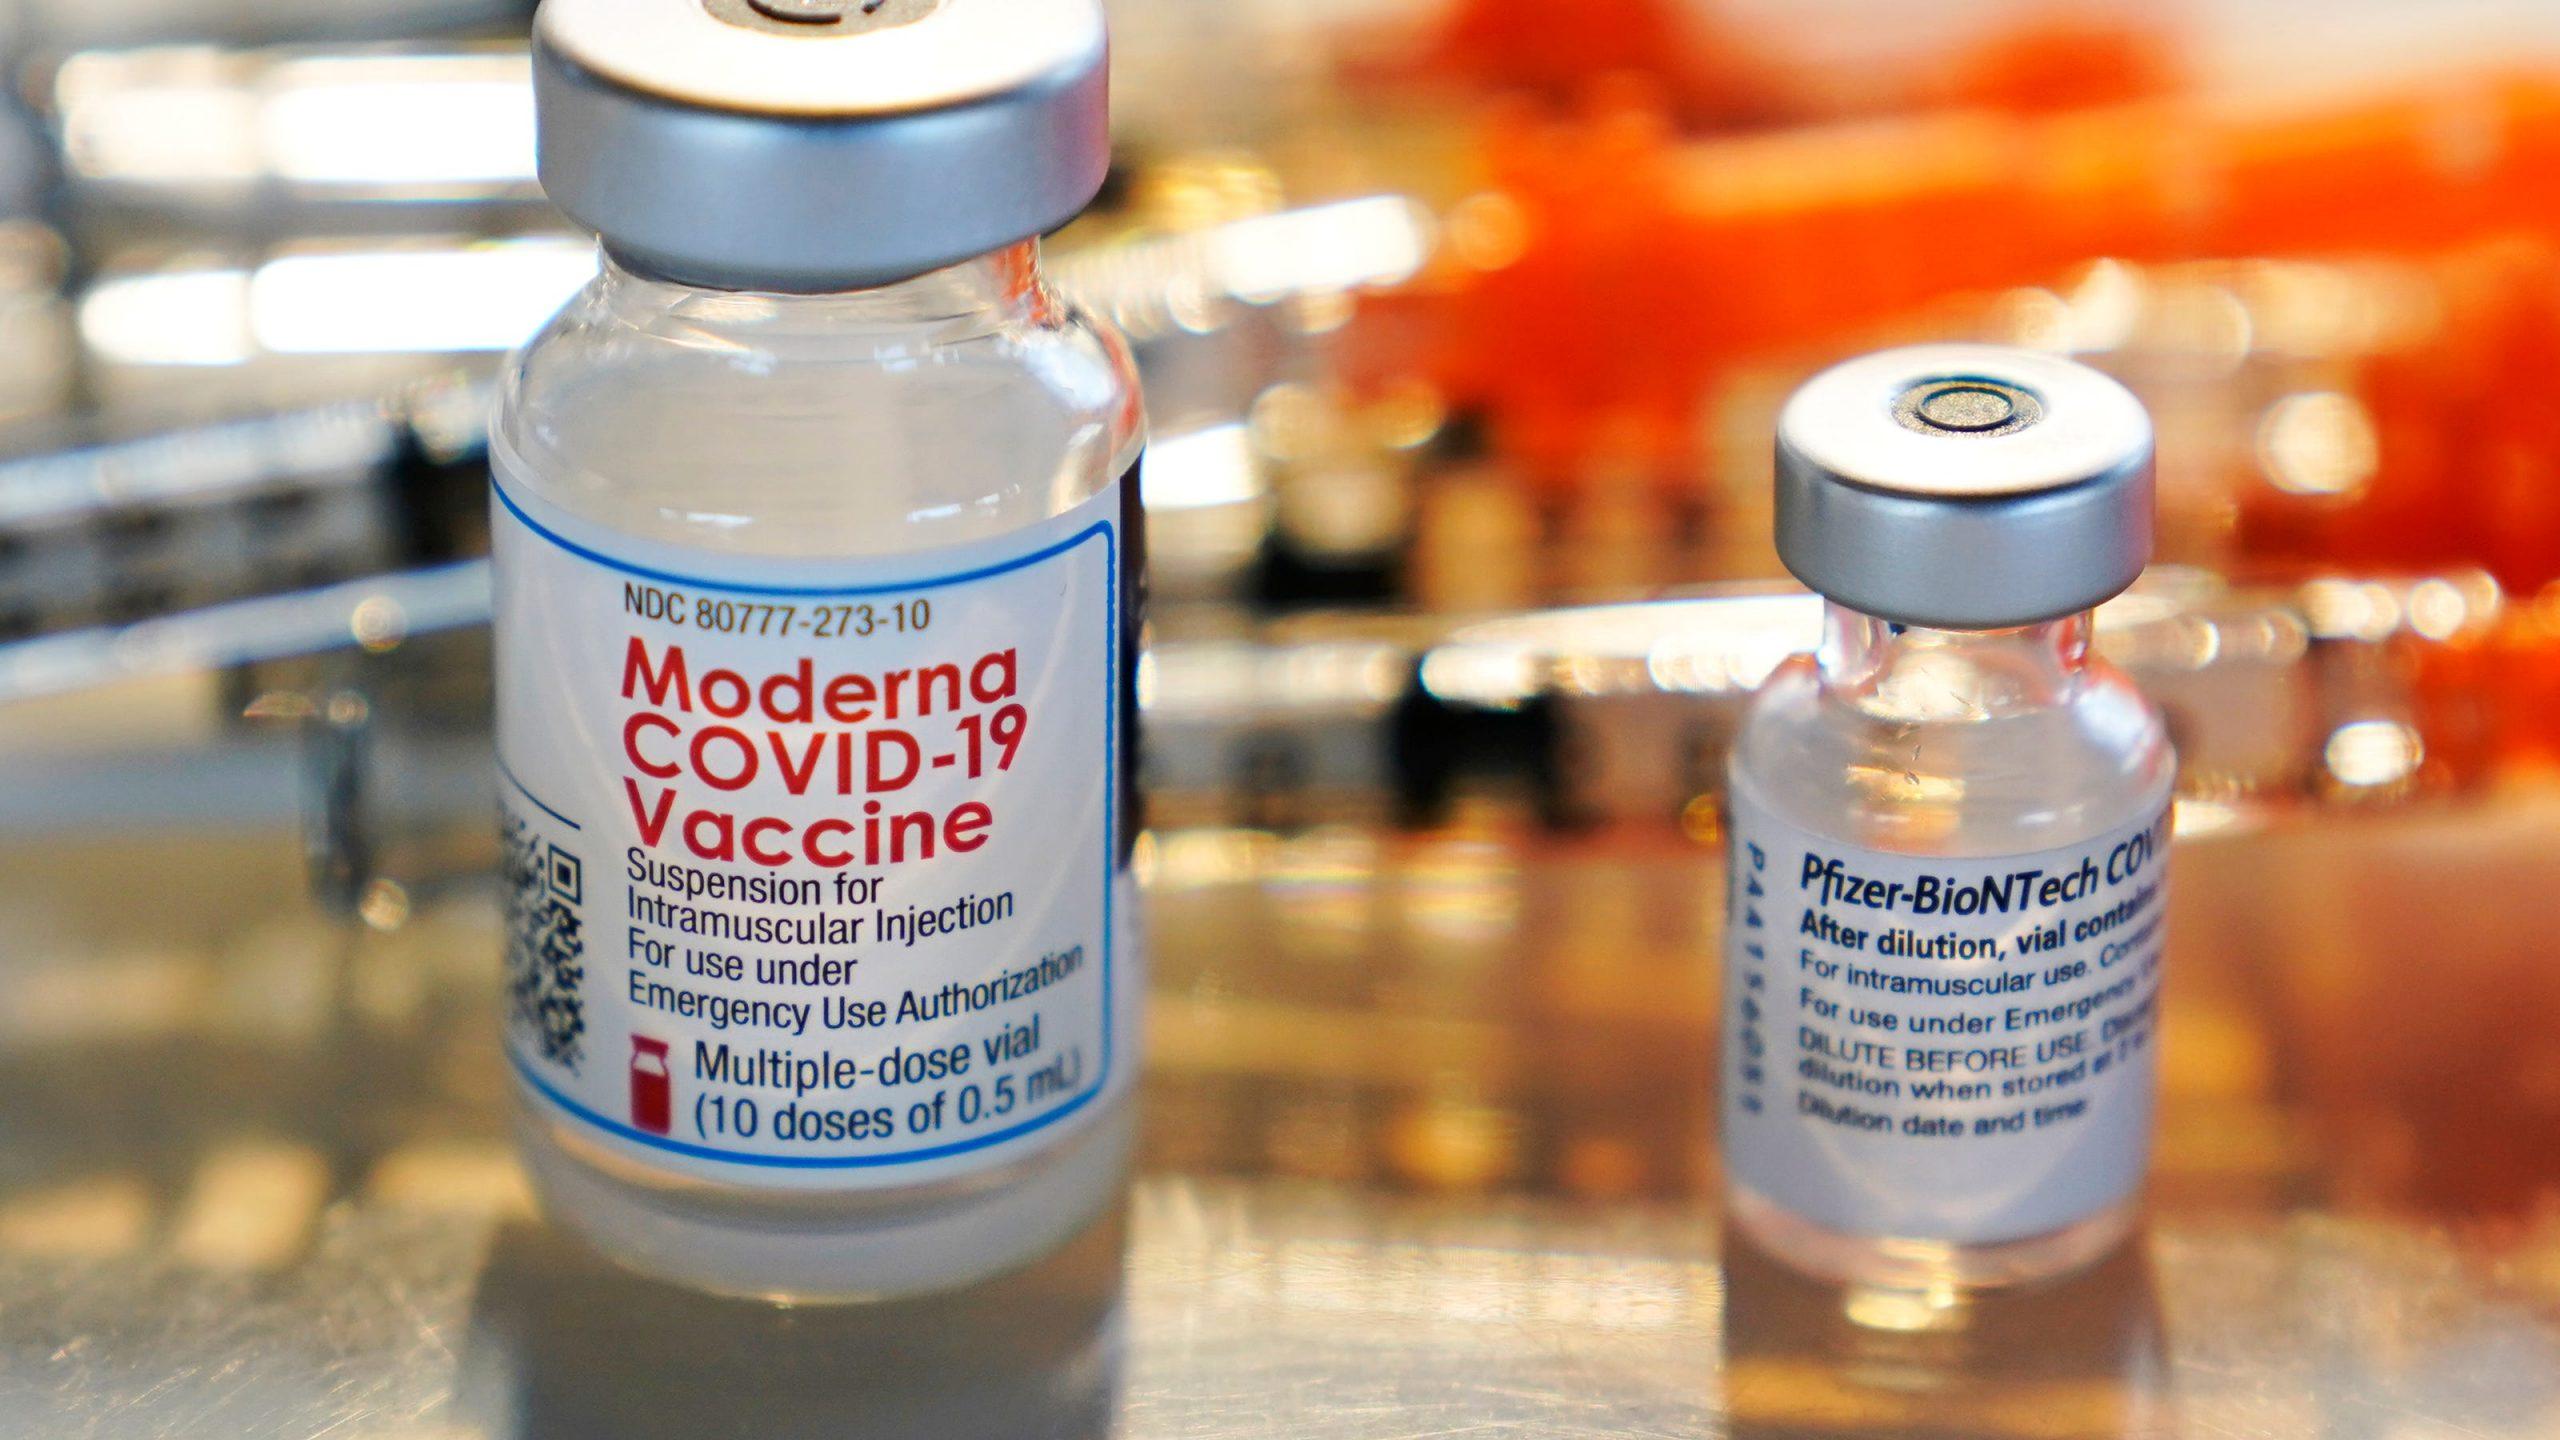 رسمياً: امريكا تقرر منح جرعات معززة للأمريكيين من لقاح كورونا بداية من 20 سبتمبر